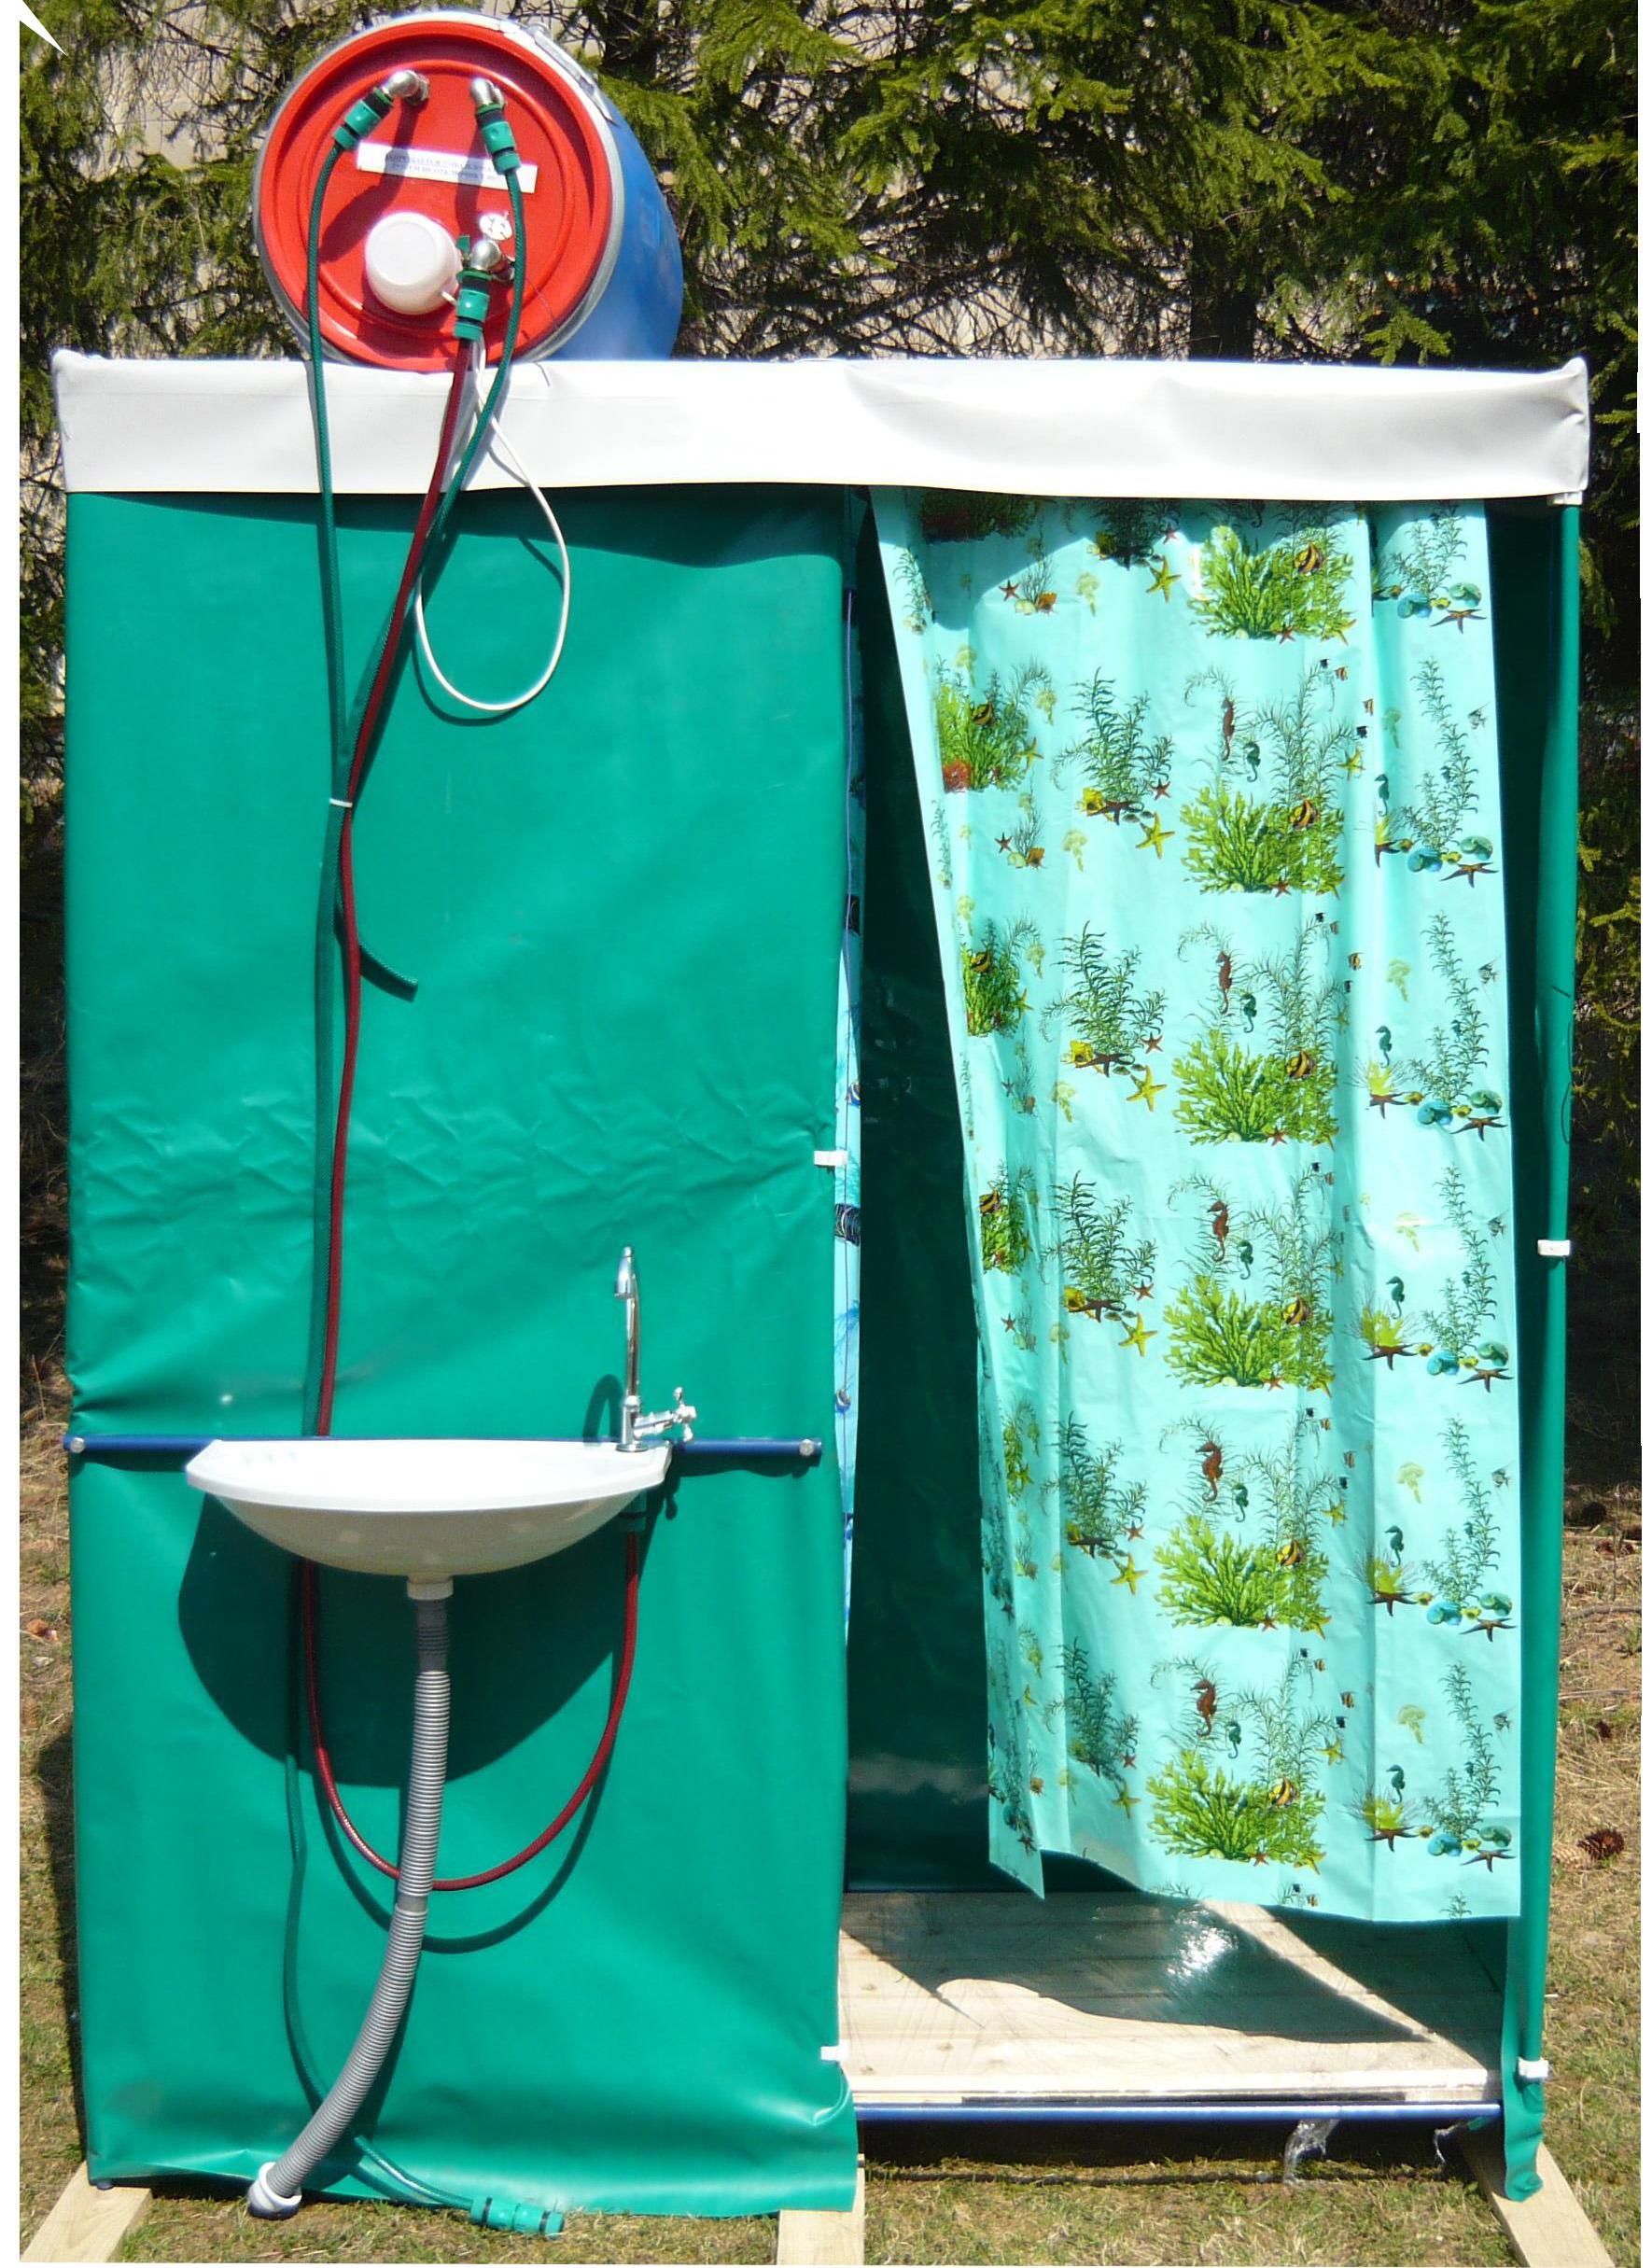 Летний душ с раздевалкой и нагревателем «БРИЗ-Д»